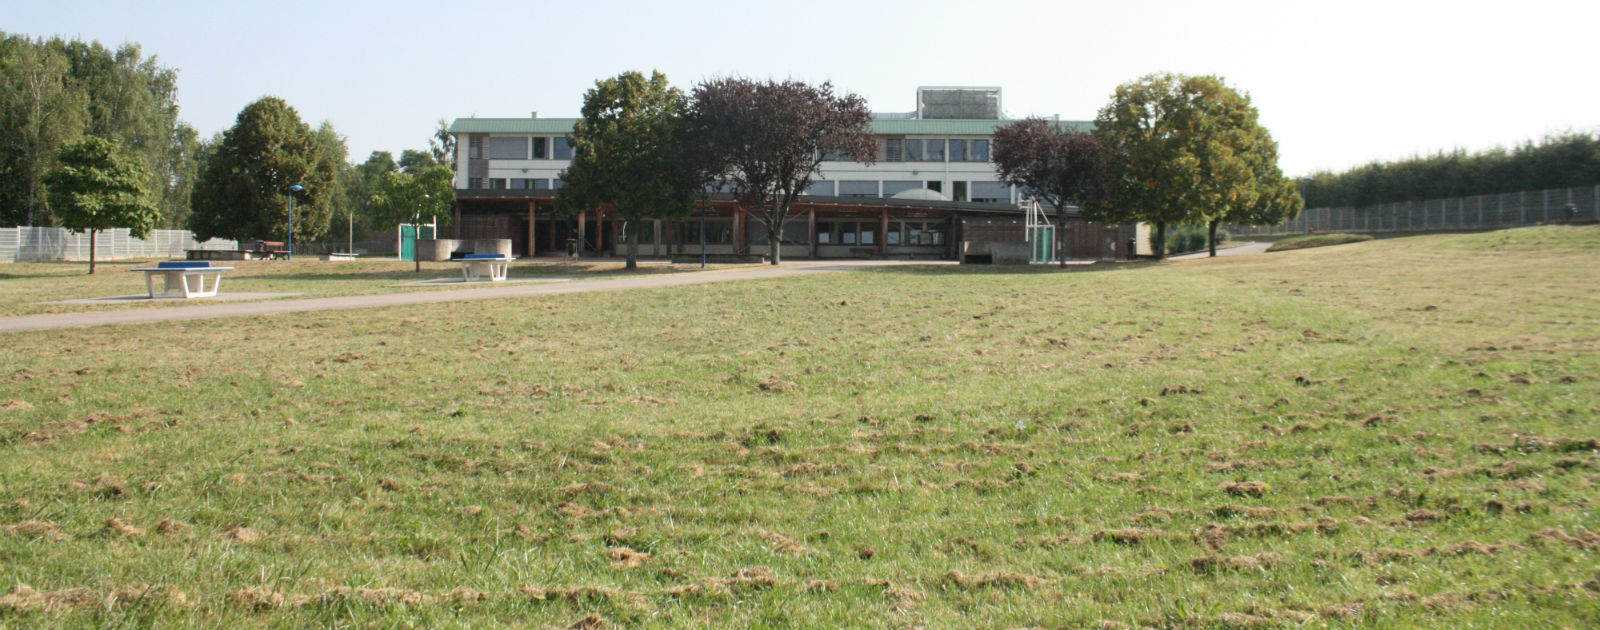 Un collège situé dans un vaste espace verdoyant